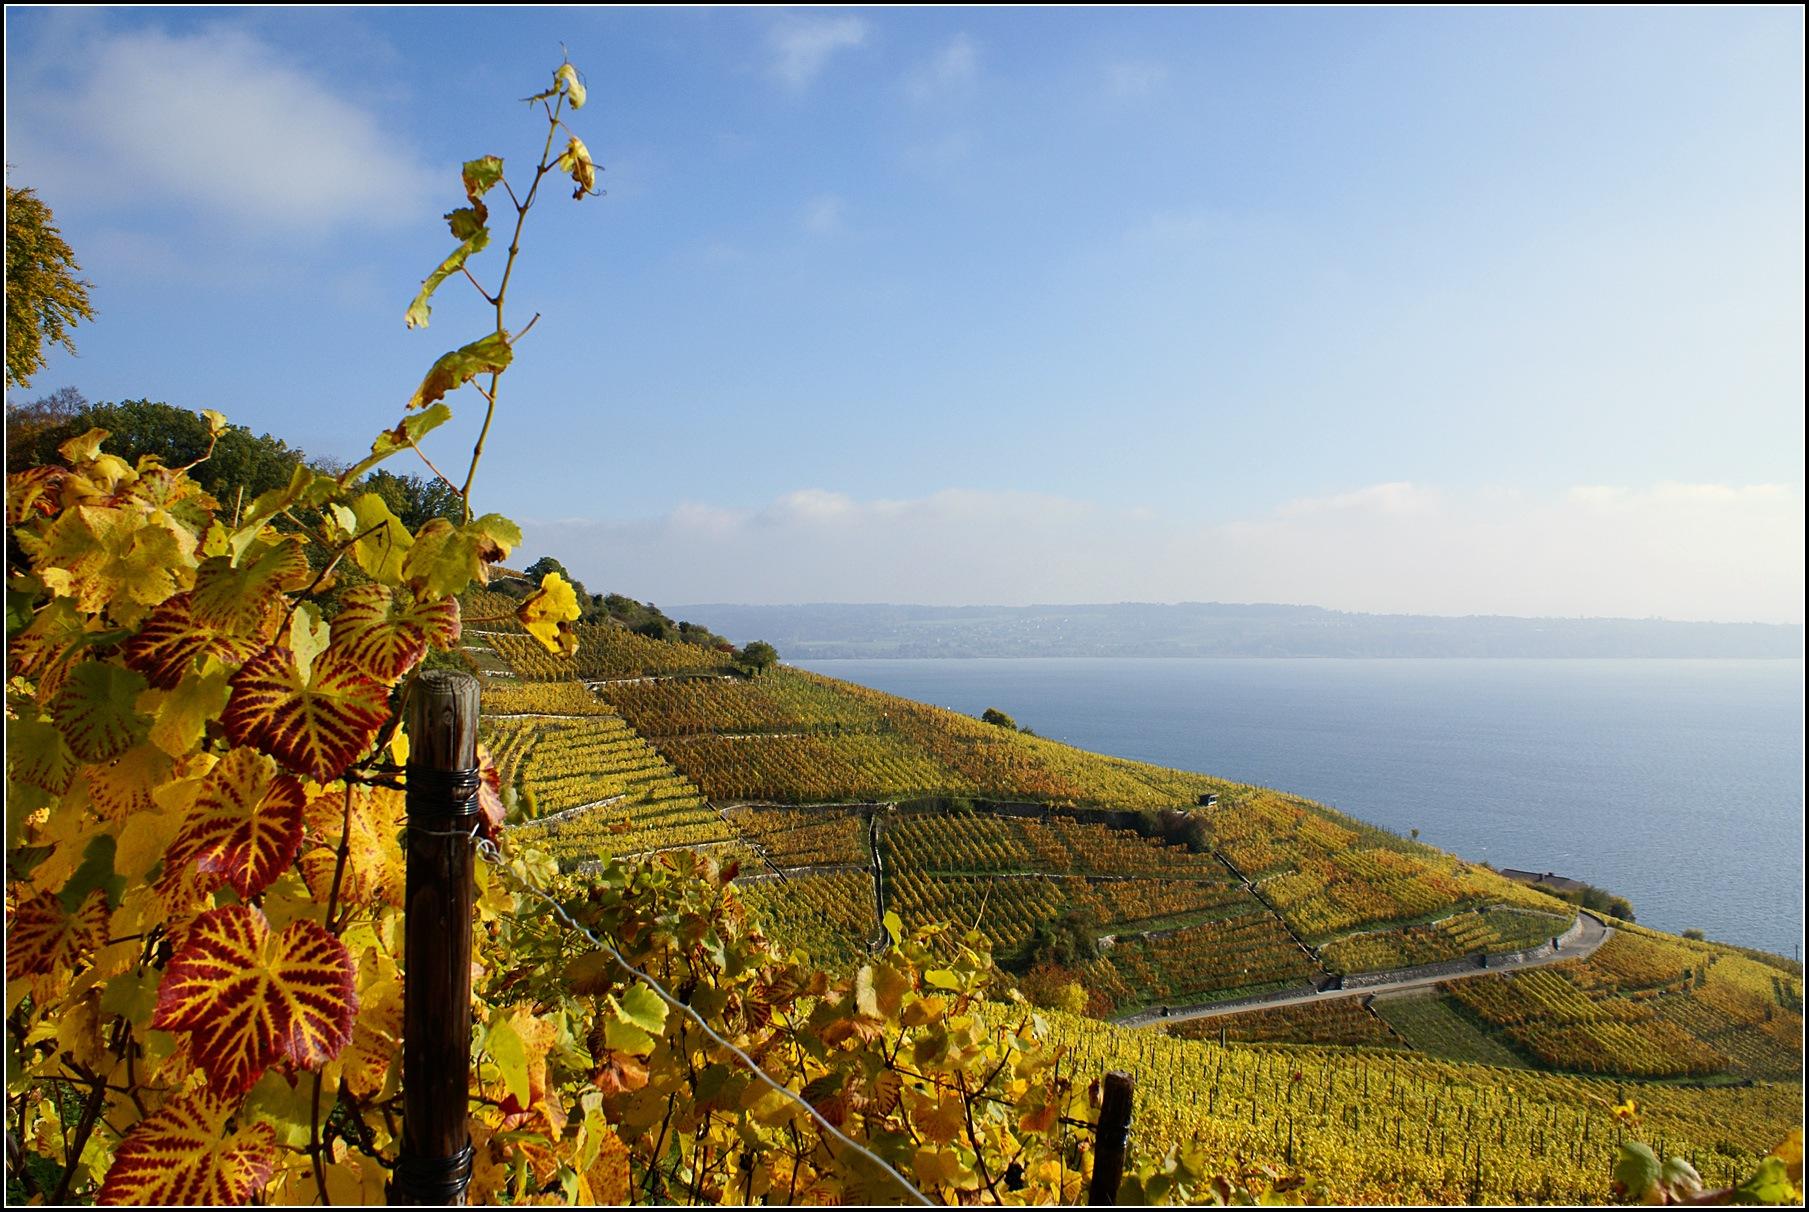 Vineyard in Switzerland by Daniel Everest